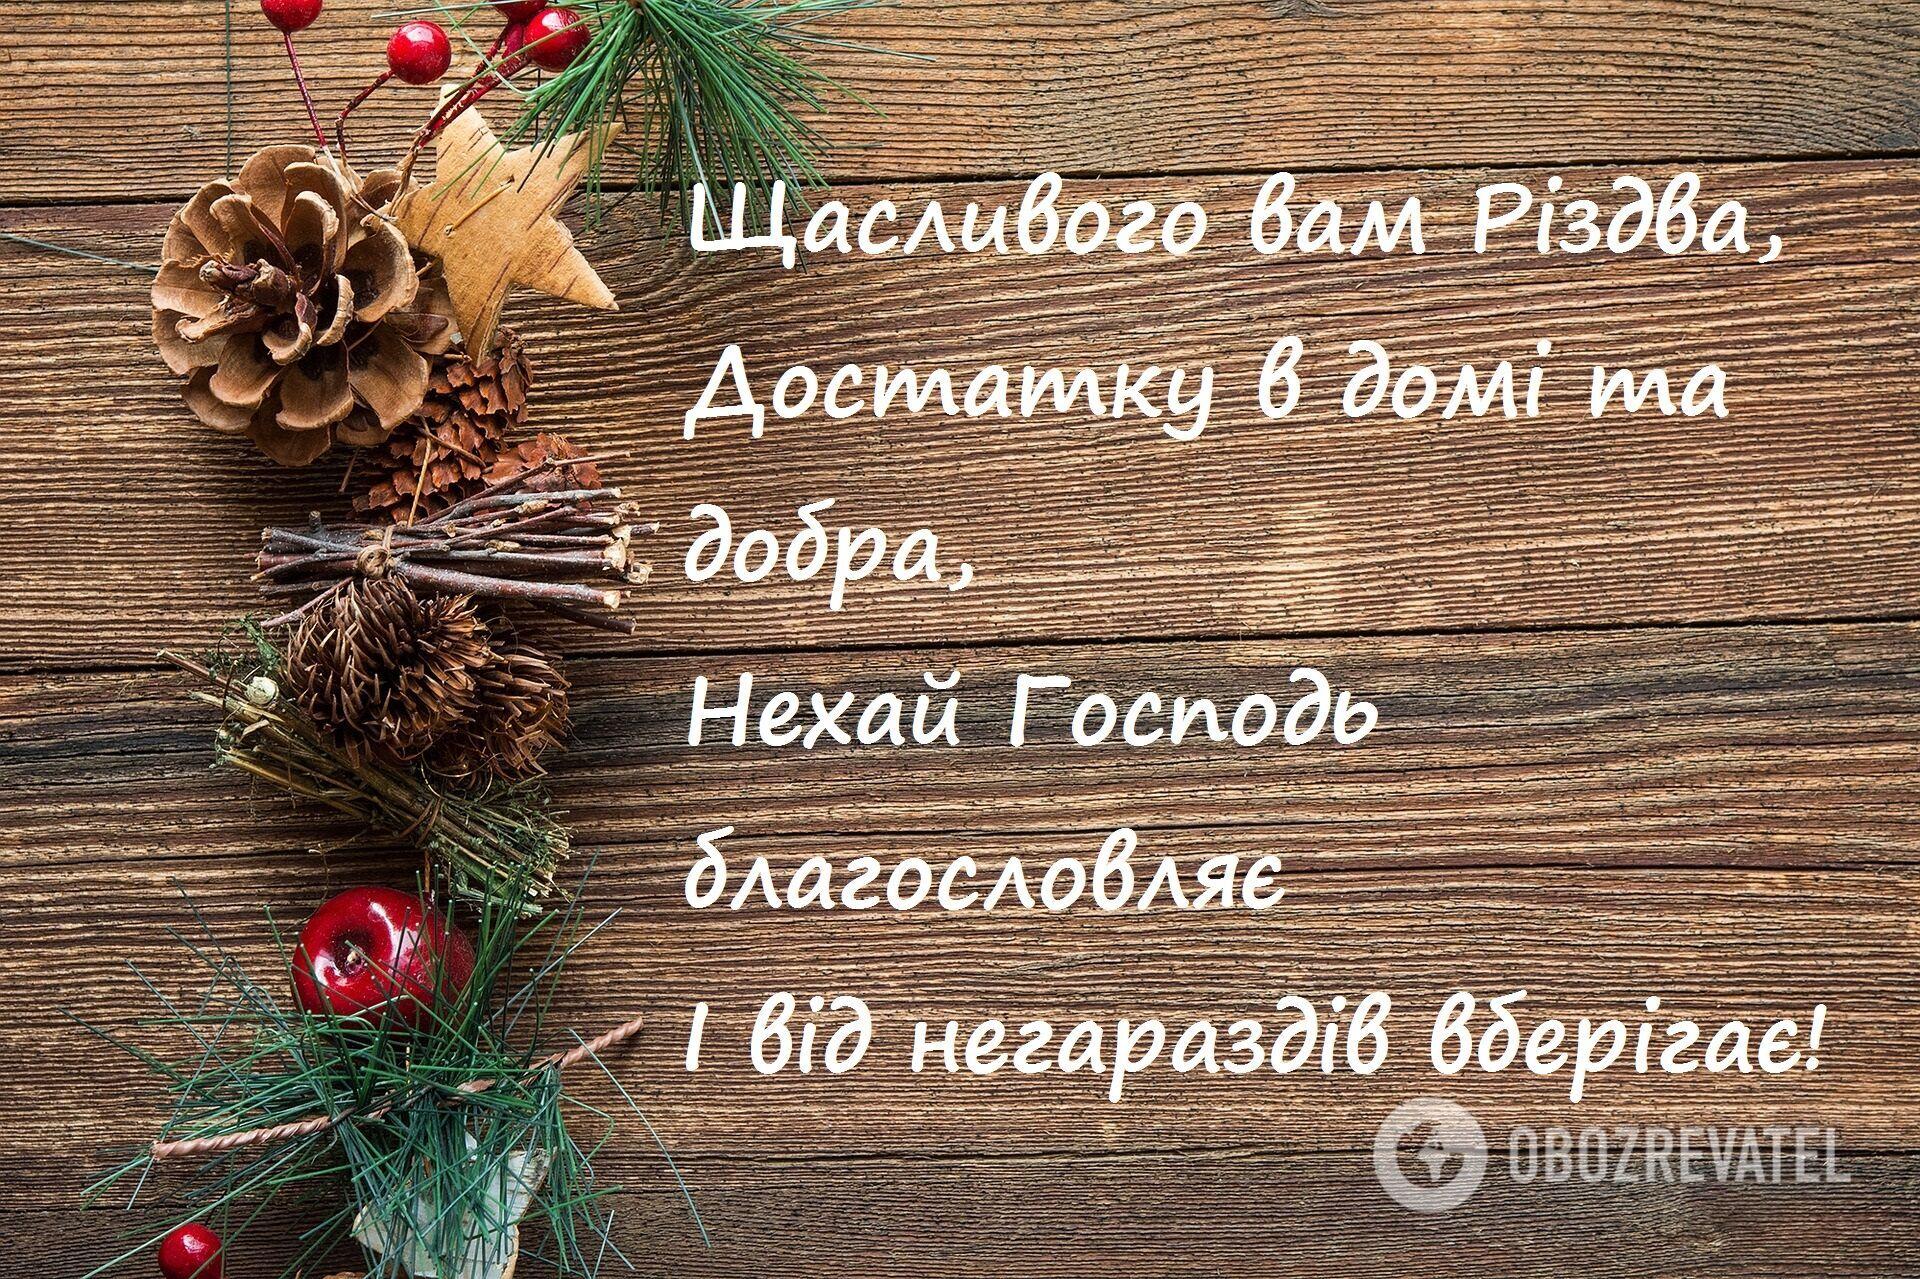 Побажання в Різдво